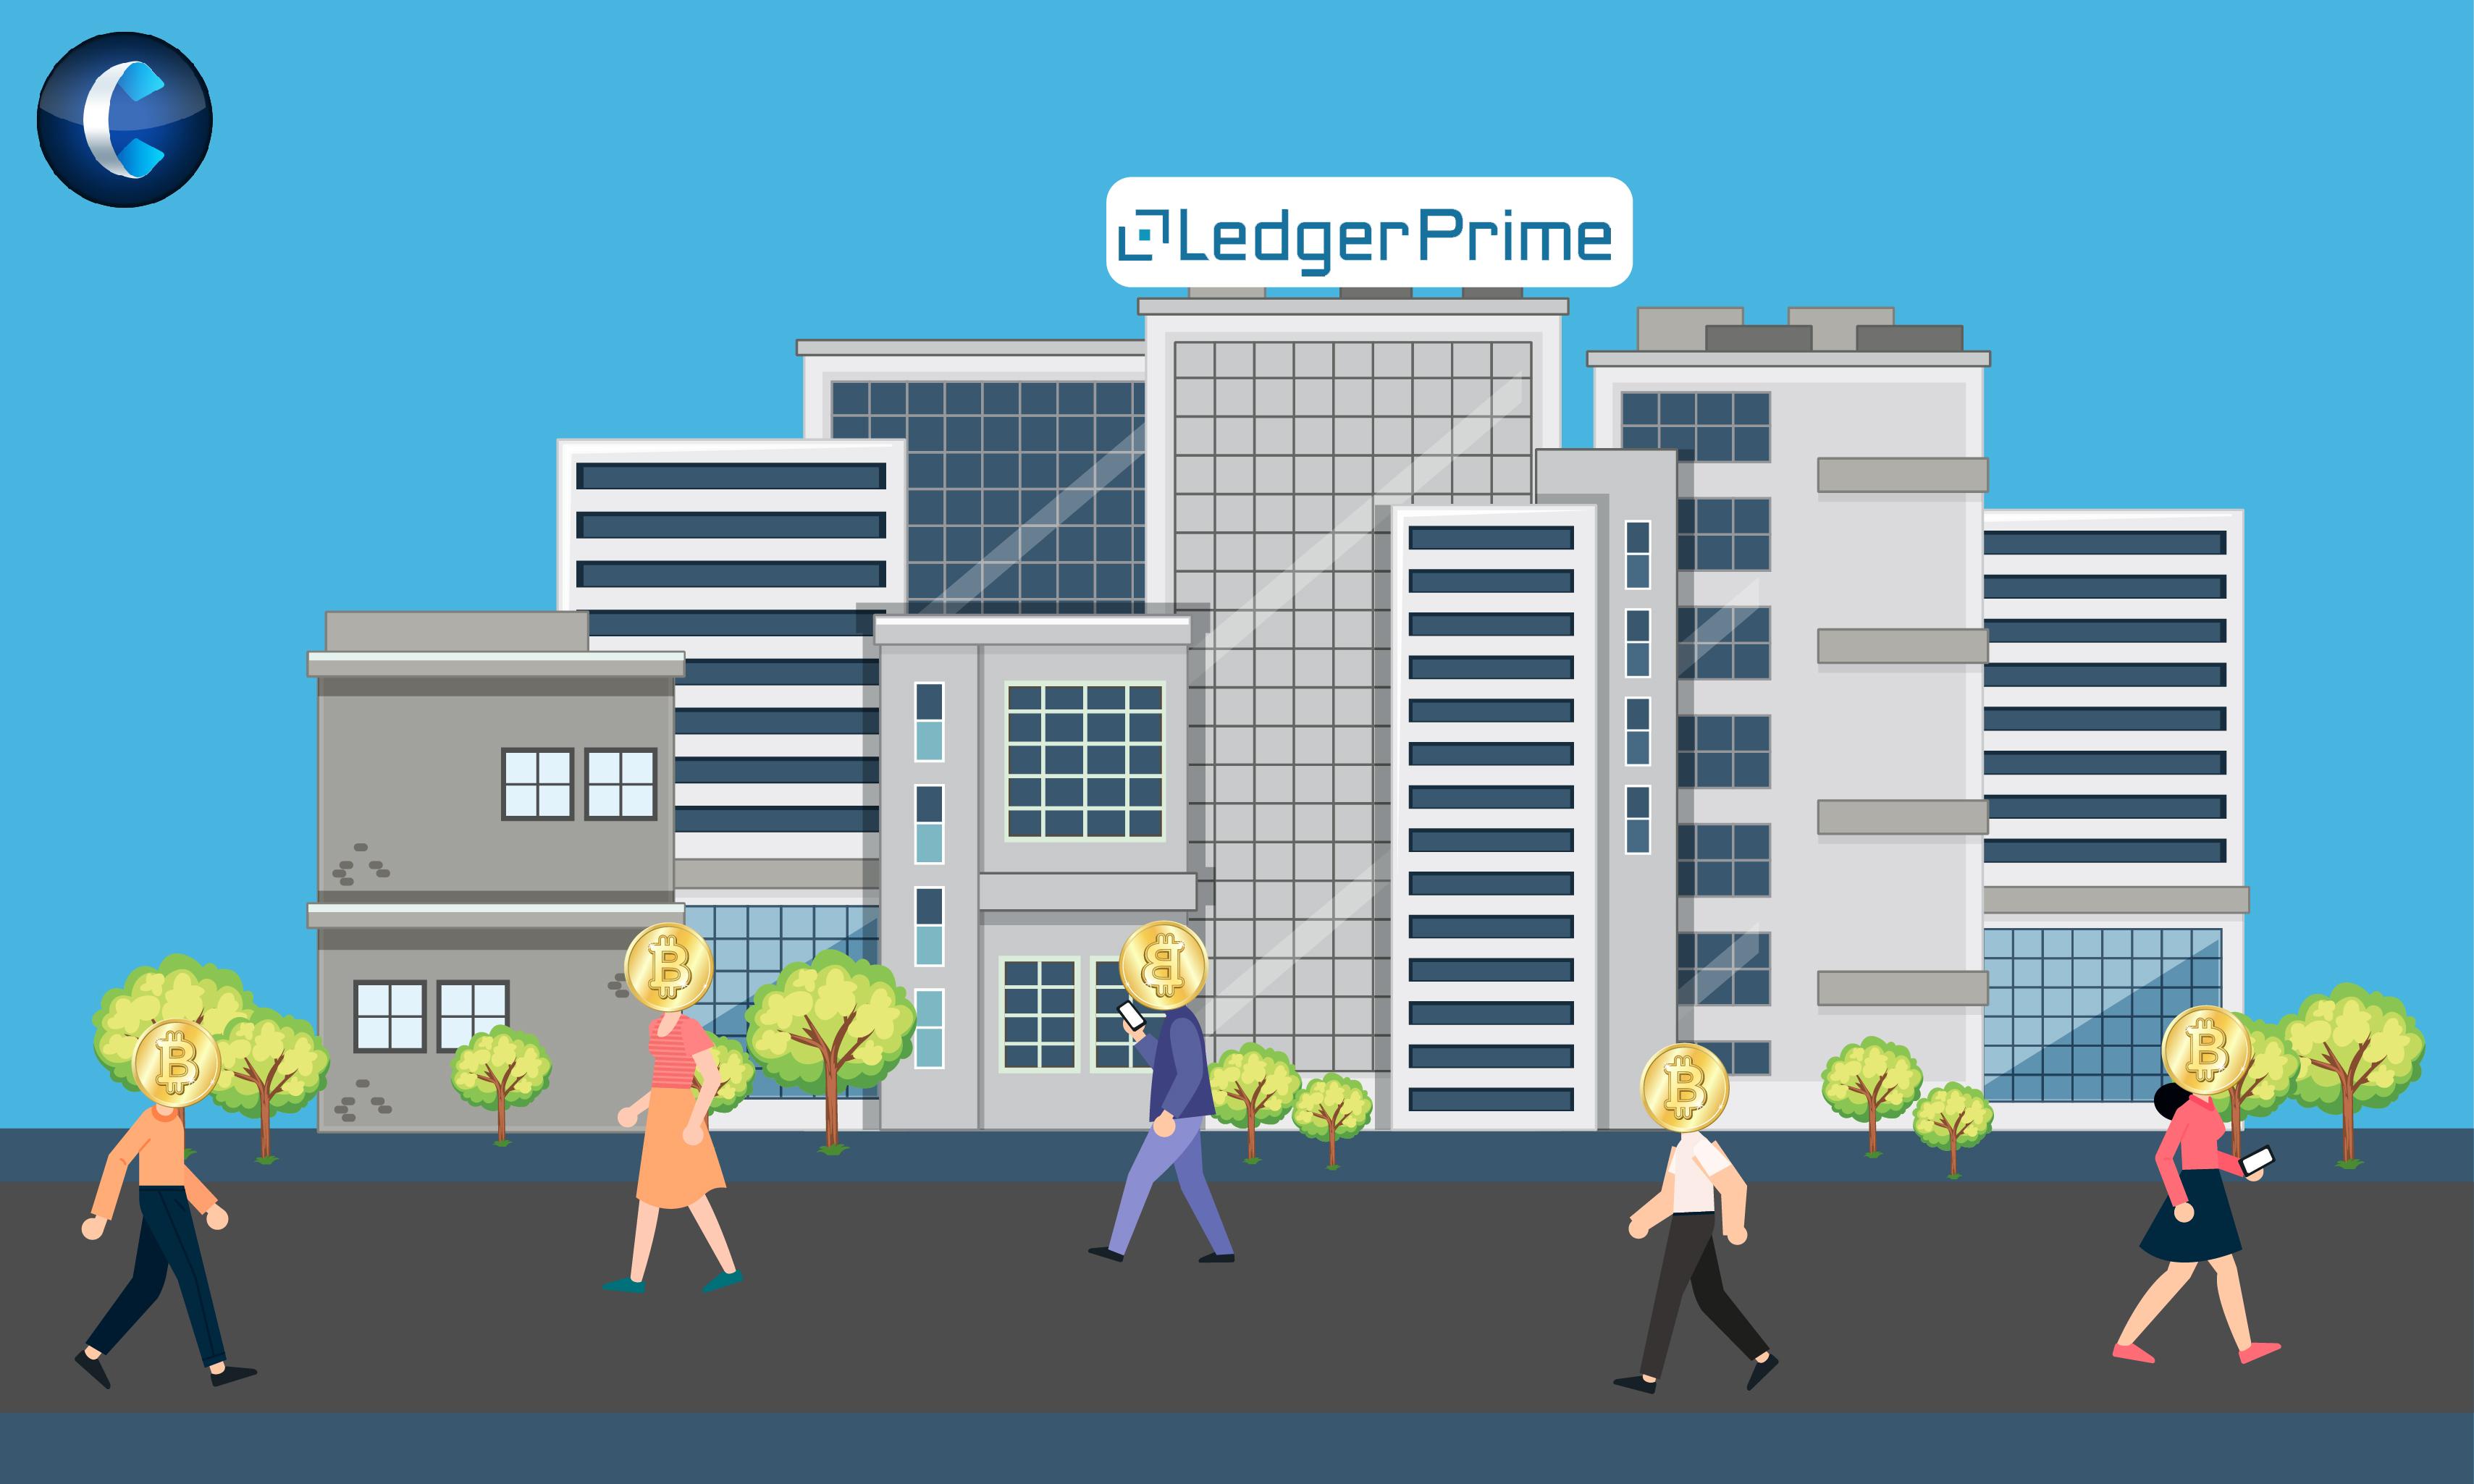 Digital Asset Investment Firm LedgerPrime Raises $50 Million for Bitcoin Fund